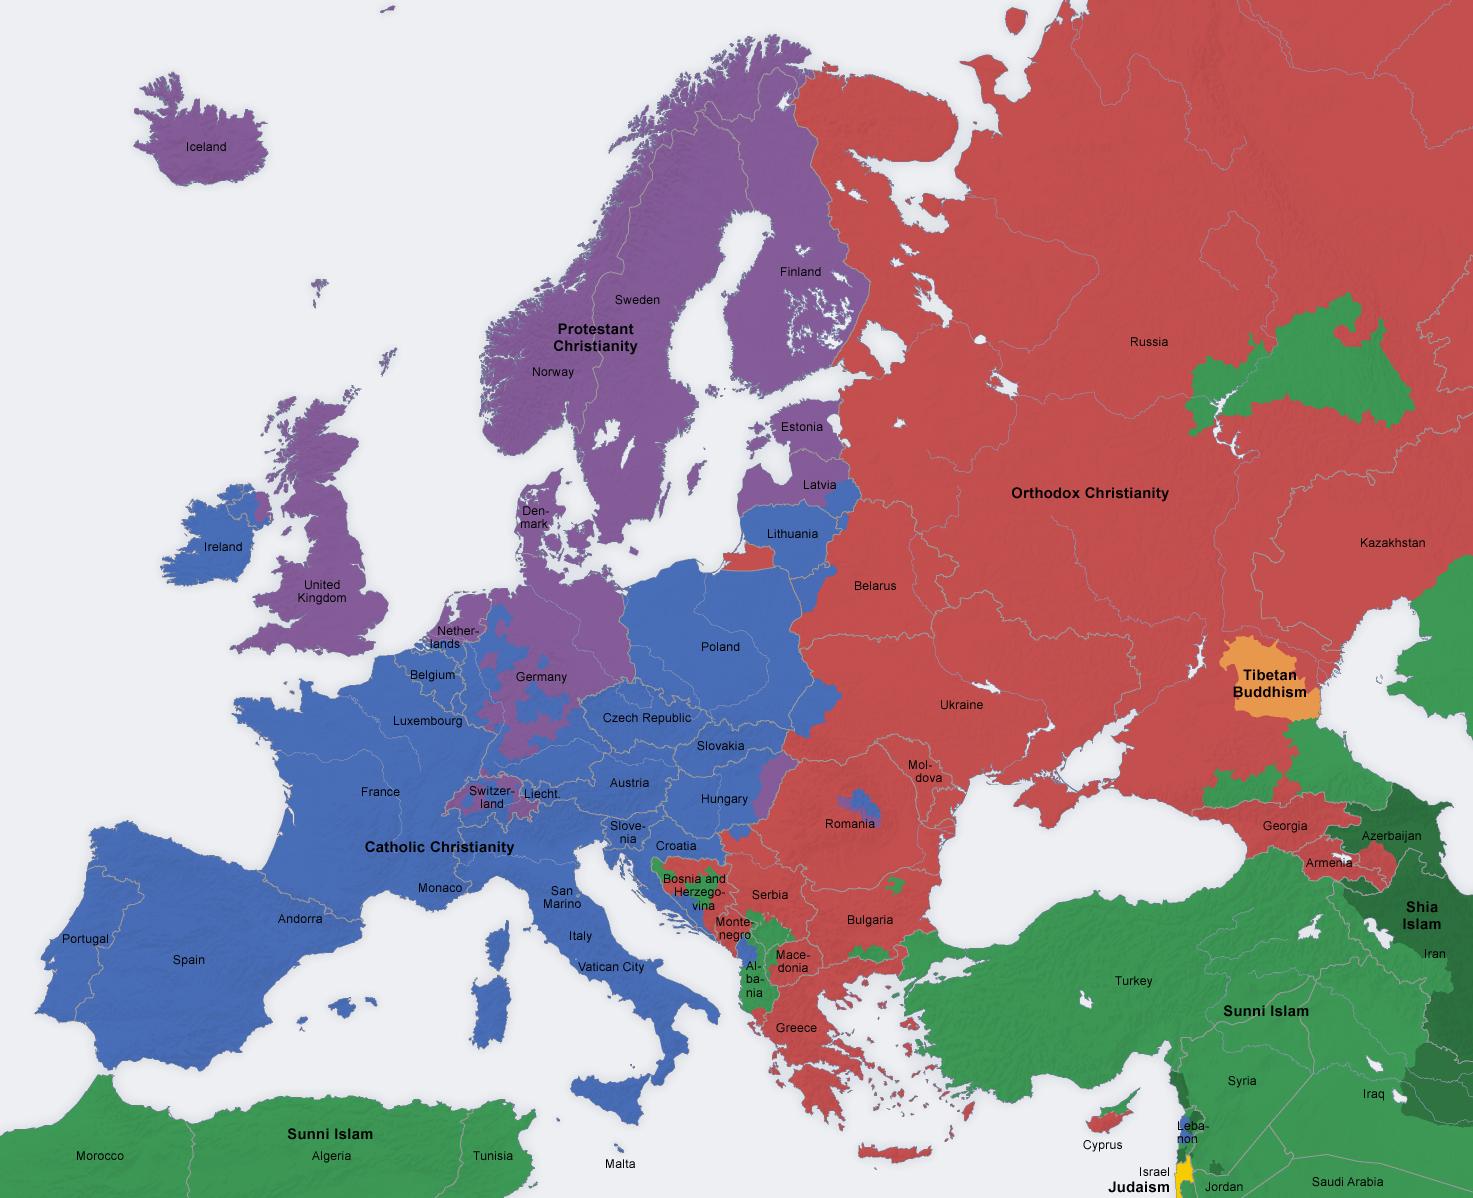 Mapa De Europa Png.Europe Religions Map Maps Mapa Historico Mapas Mapa